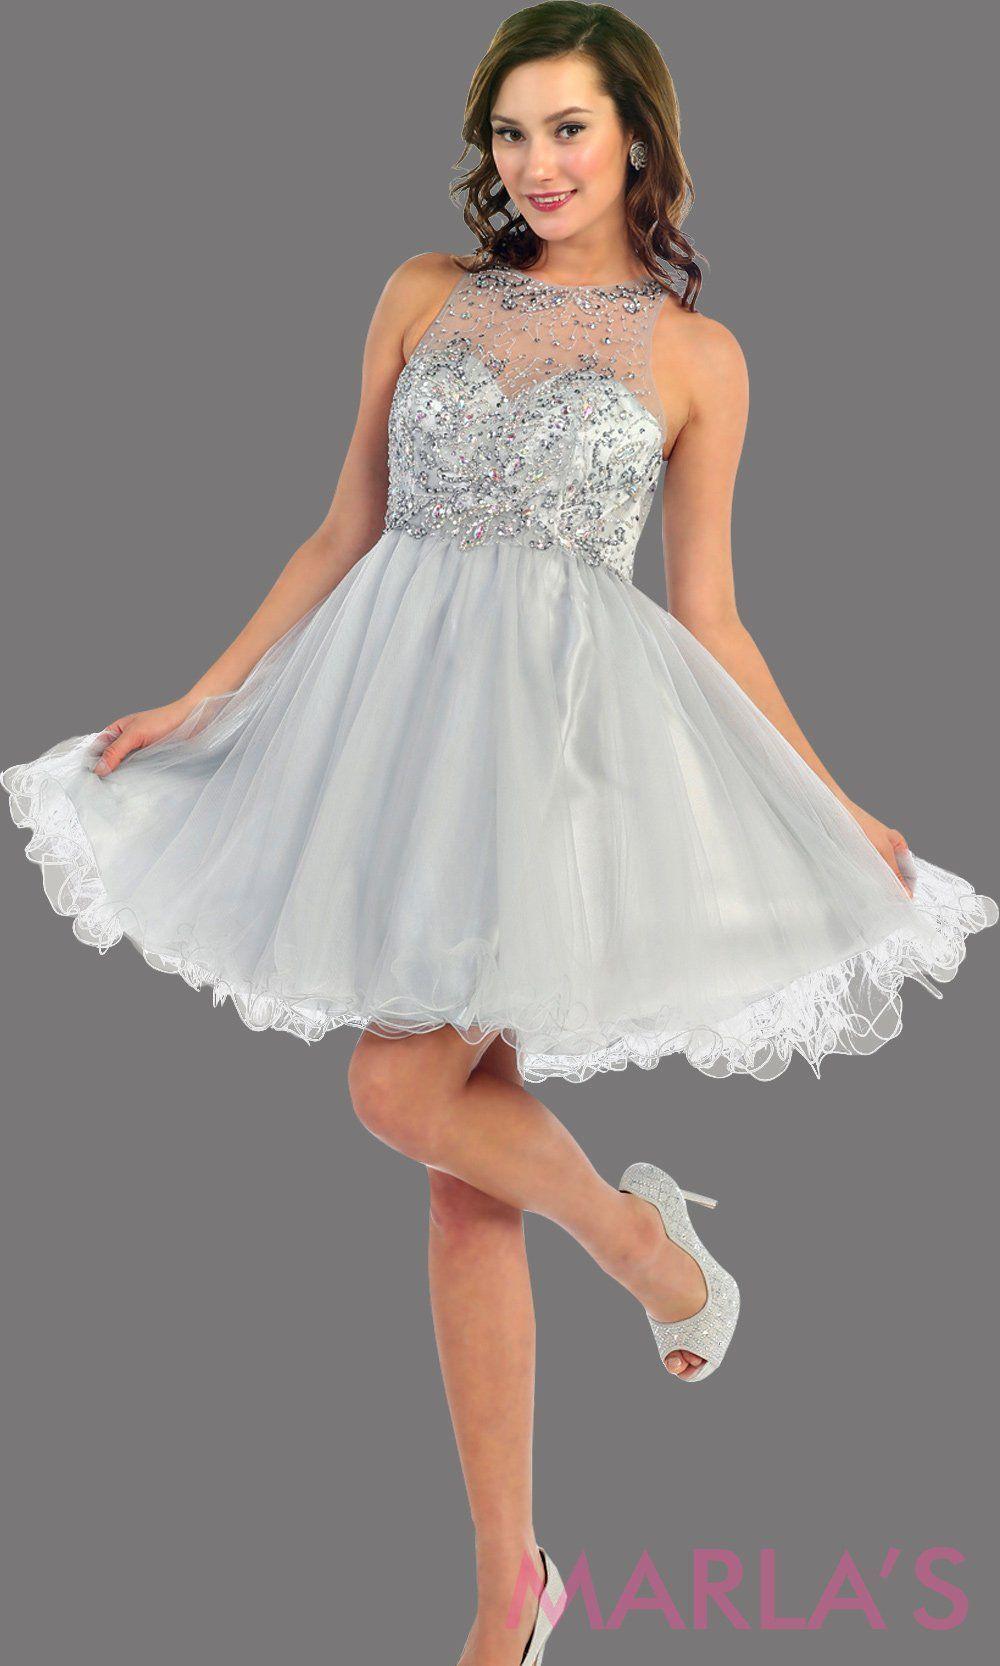 023fe9997449 Silver Short Beaded Top with Flowy Skirt #graduationdress #graddress  #promdress #bridaldress #showerdress